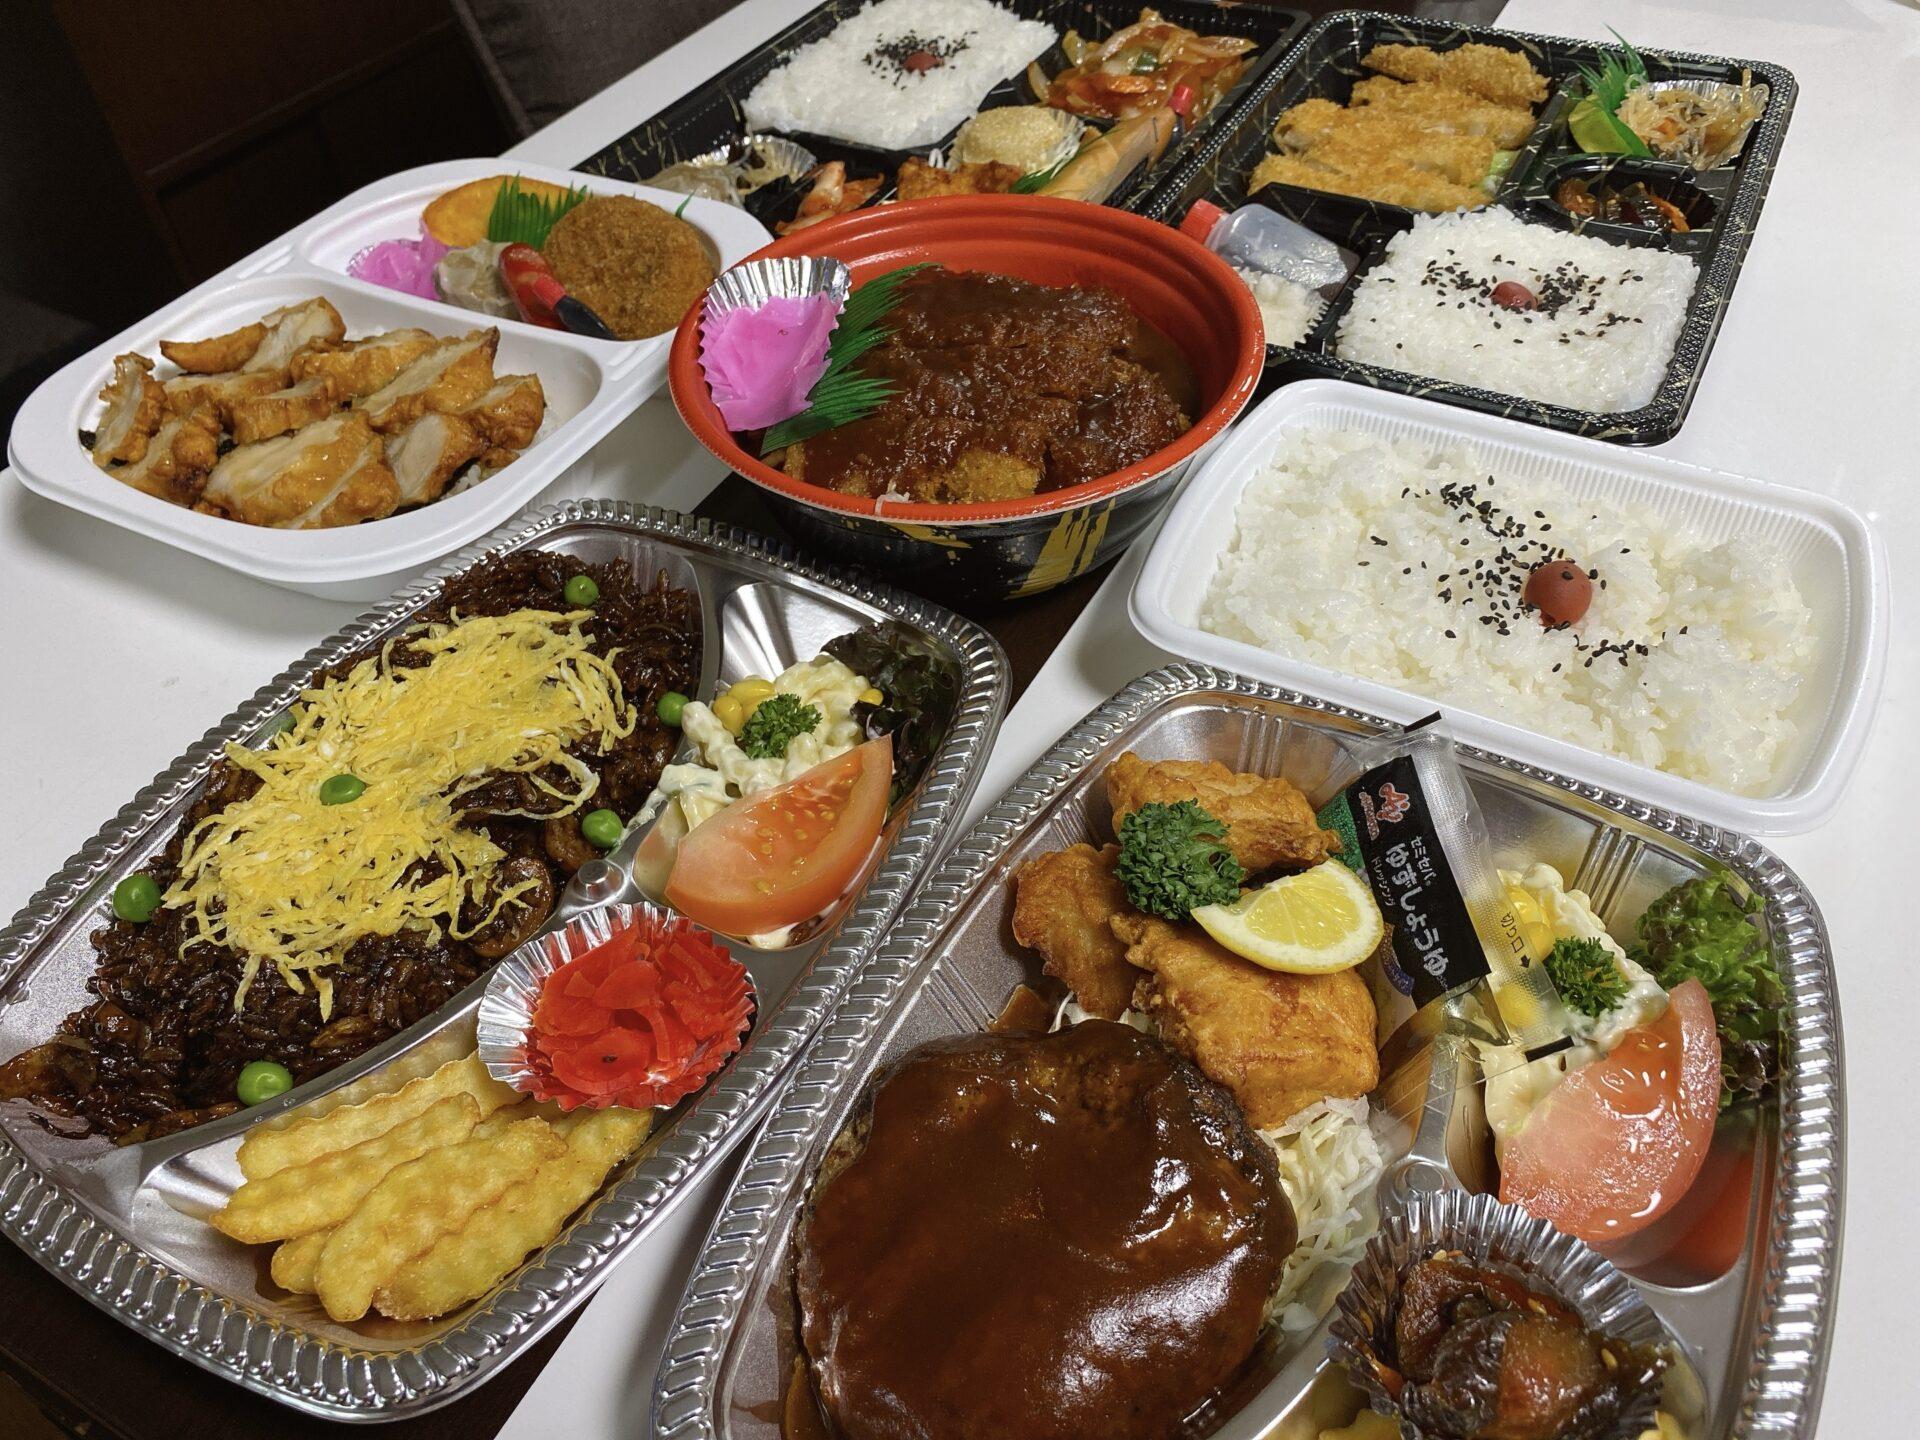 【岡山市東区のテイクアウト】お弁当ハウス アラカルト(alacarte)のランチは多彩なメニューでボリューミーで美味い!